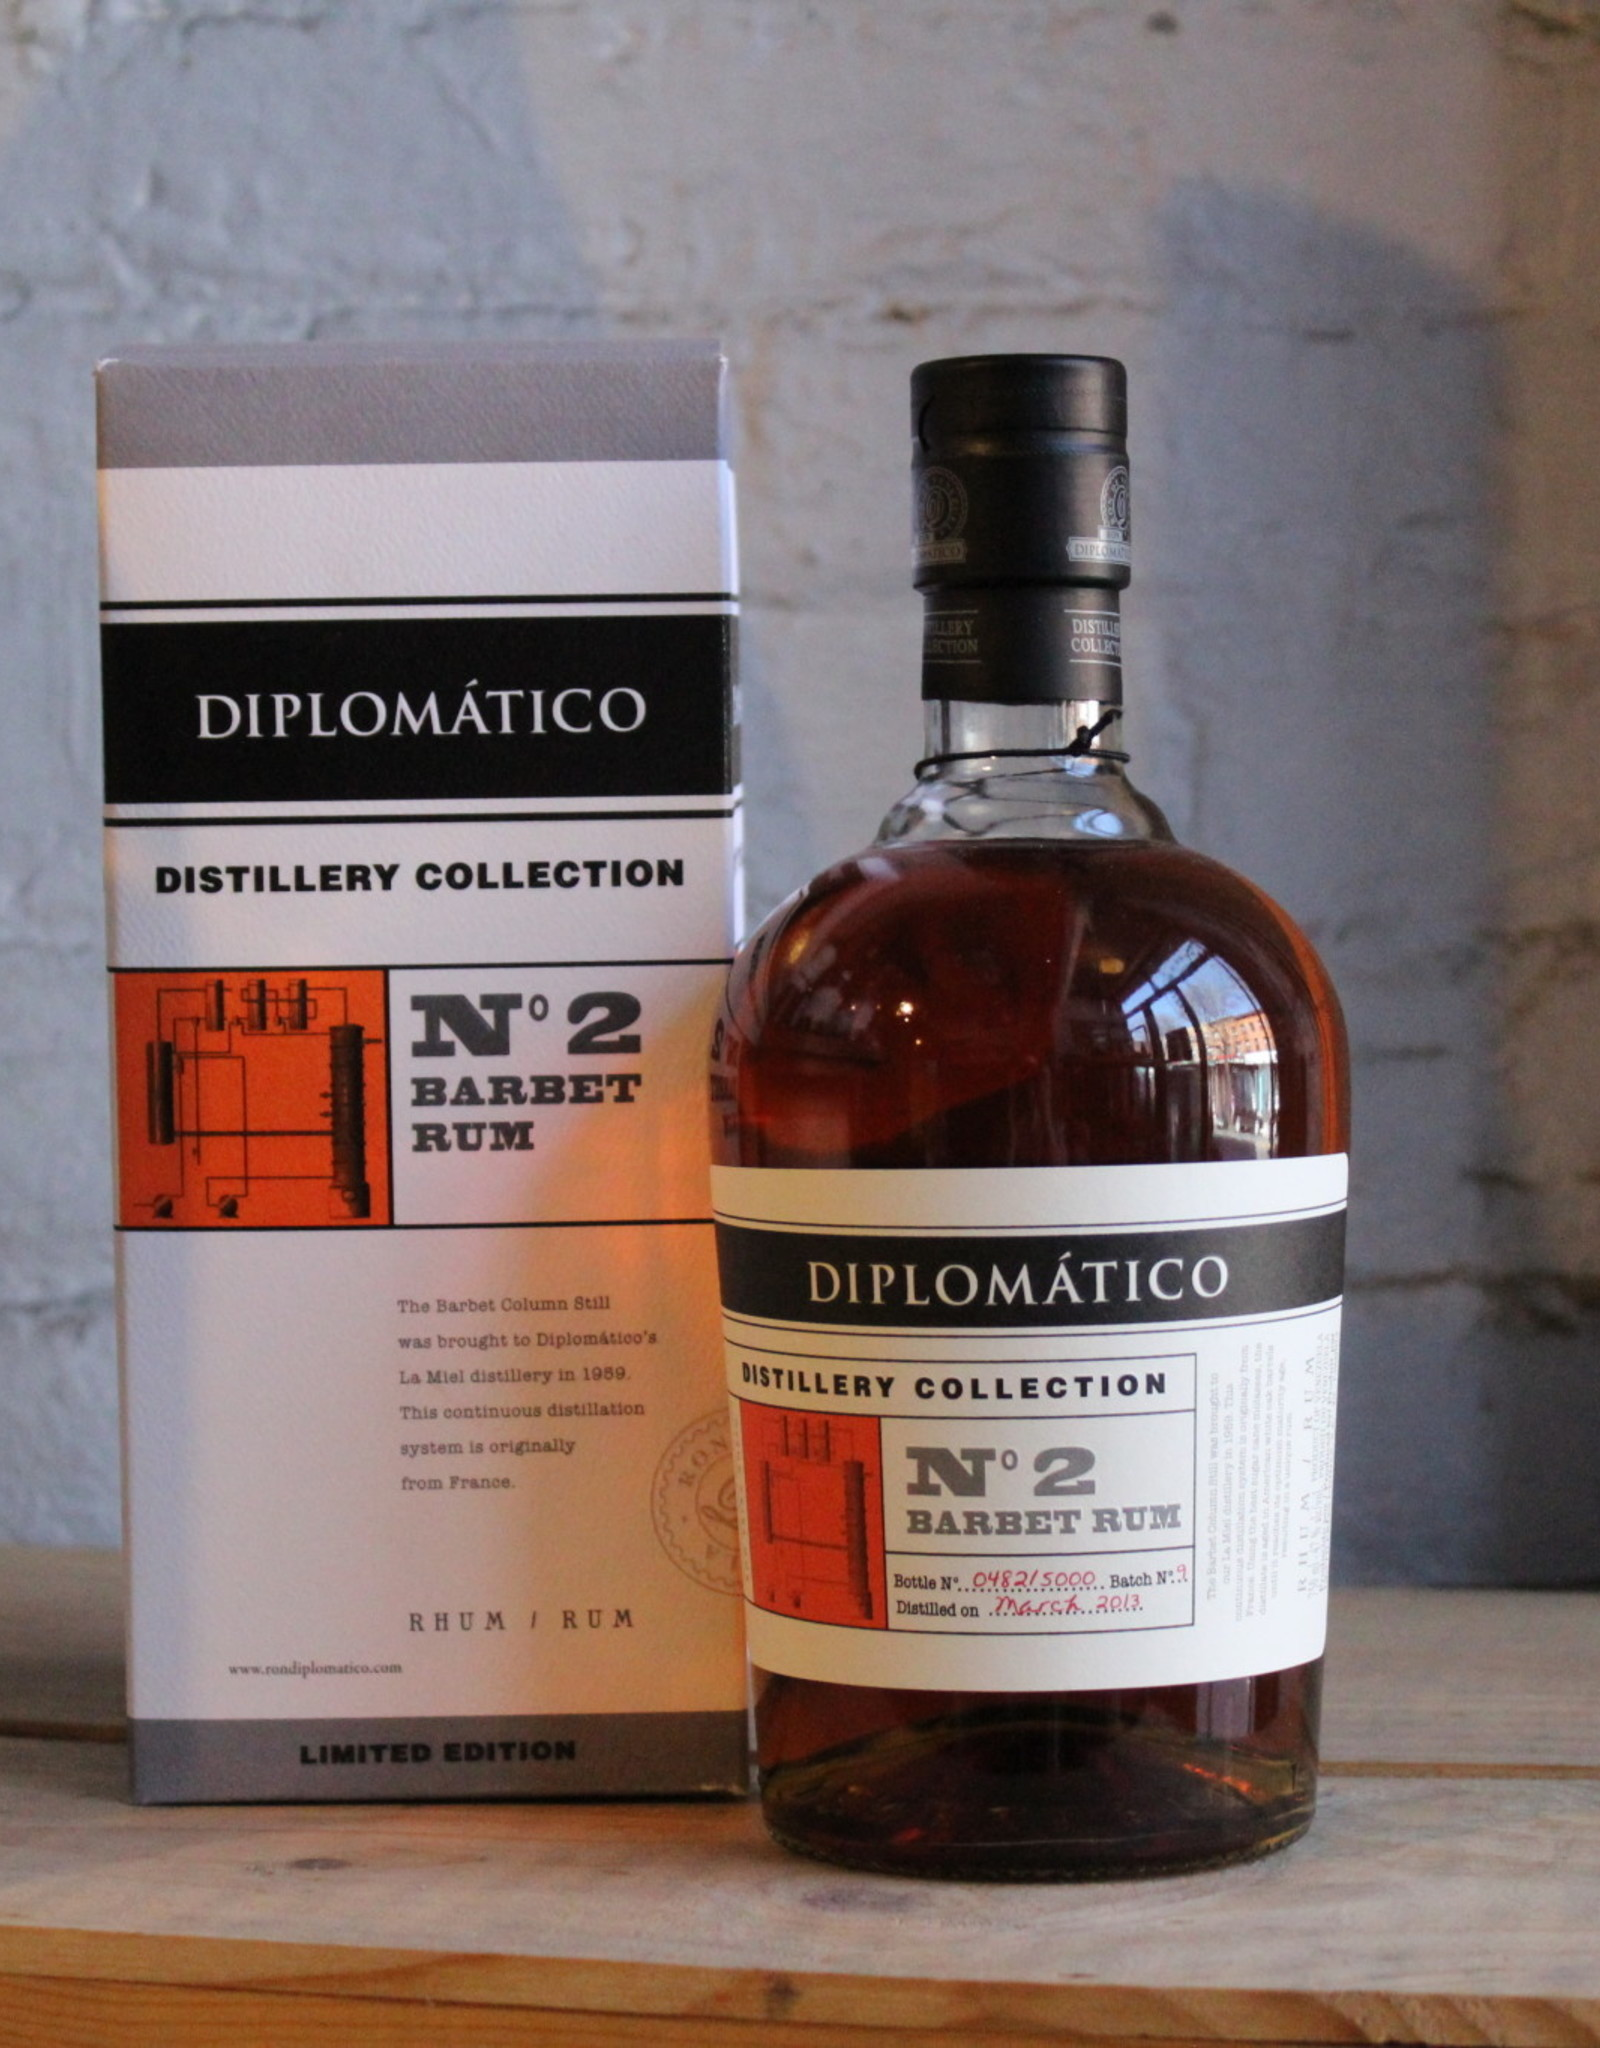 Diplomatico N°2 Barbet Rum 94 Proof - Venezuela (750ml)